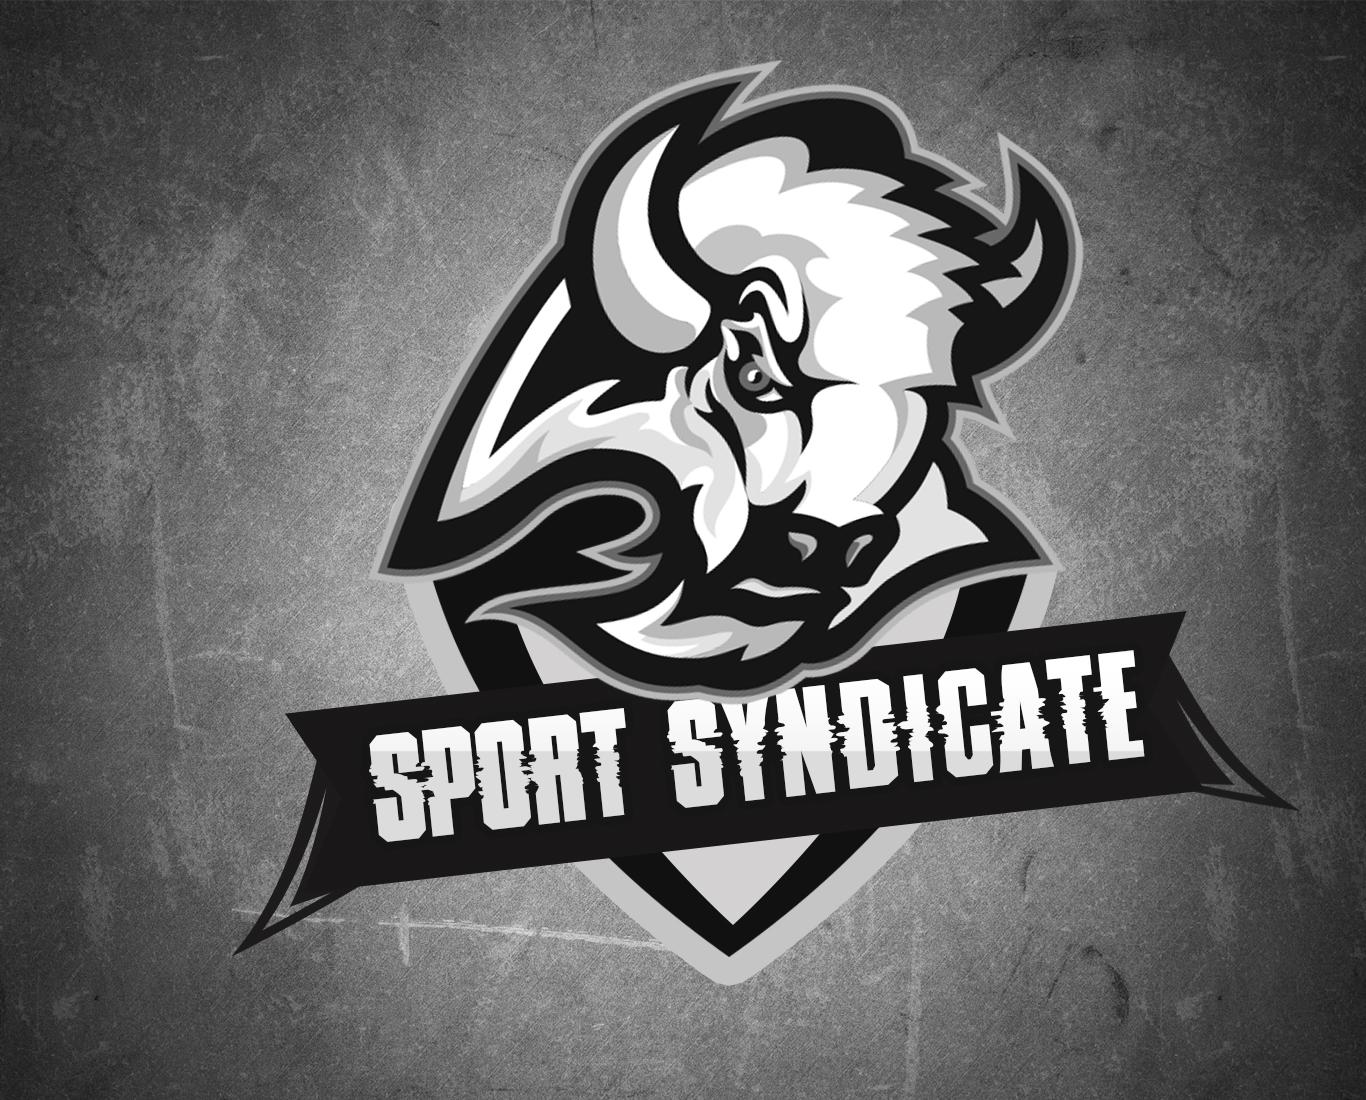 Создать логотип для сети магазинов спортивного питания фото f_72059761e4cf0c22.jpg